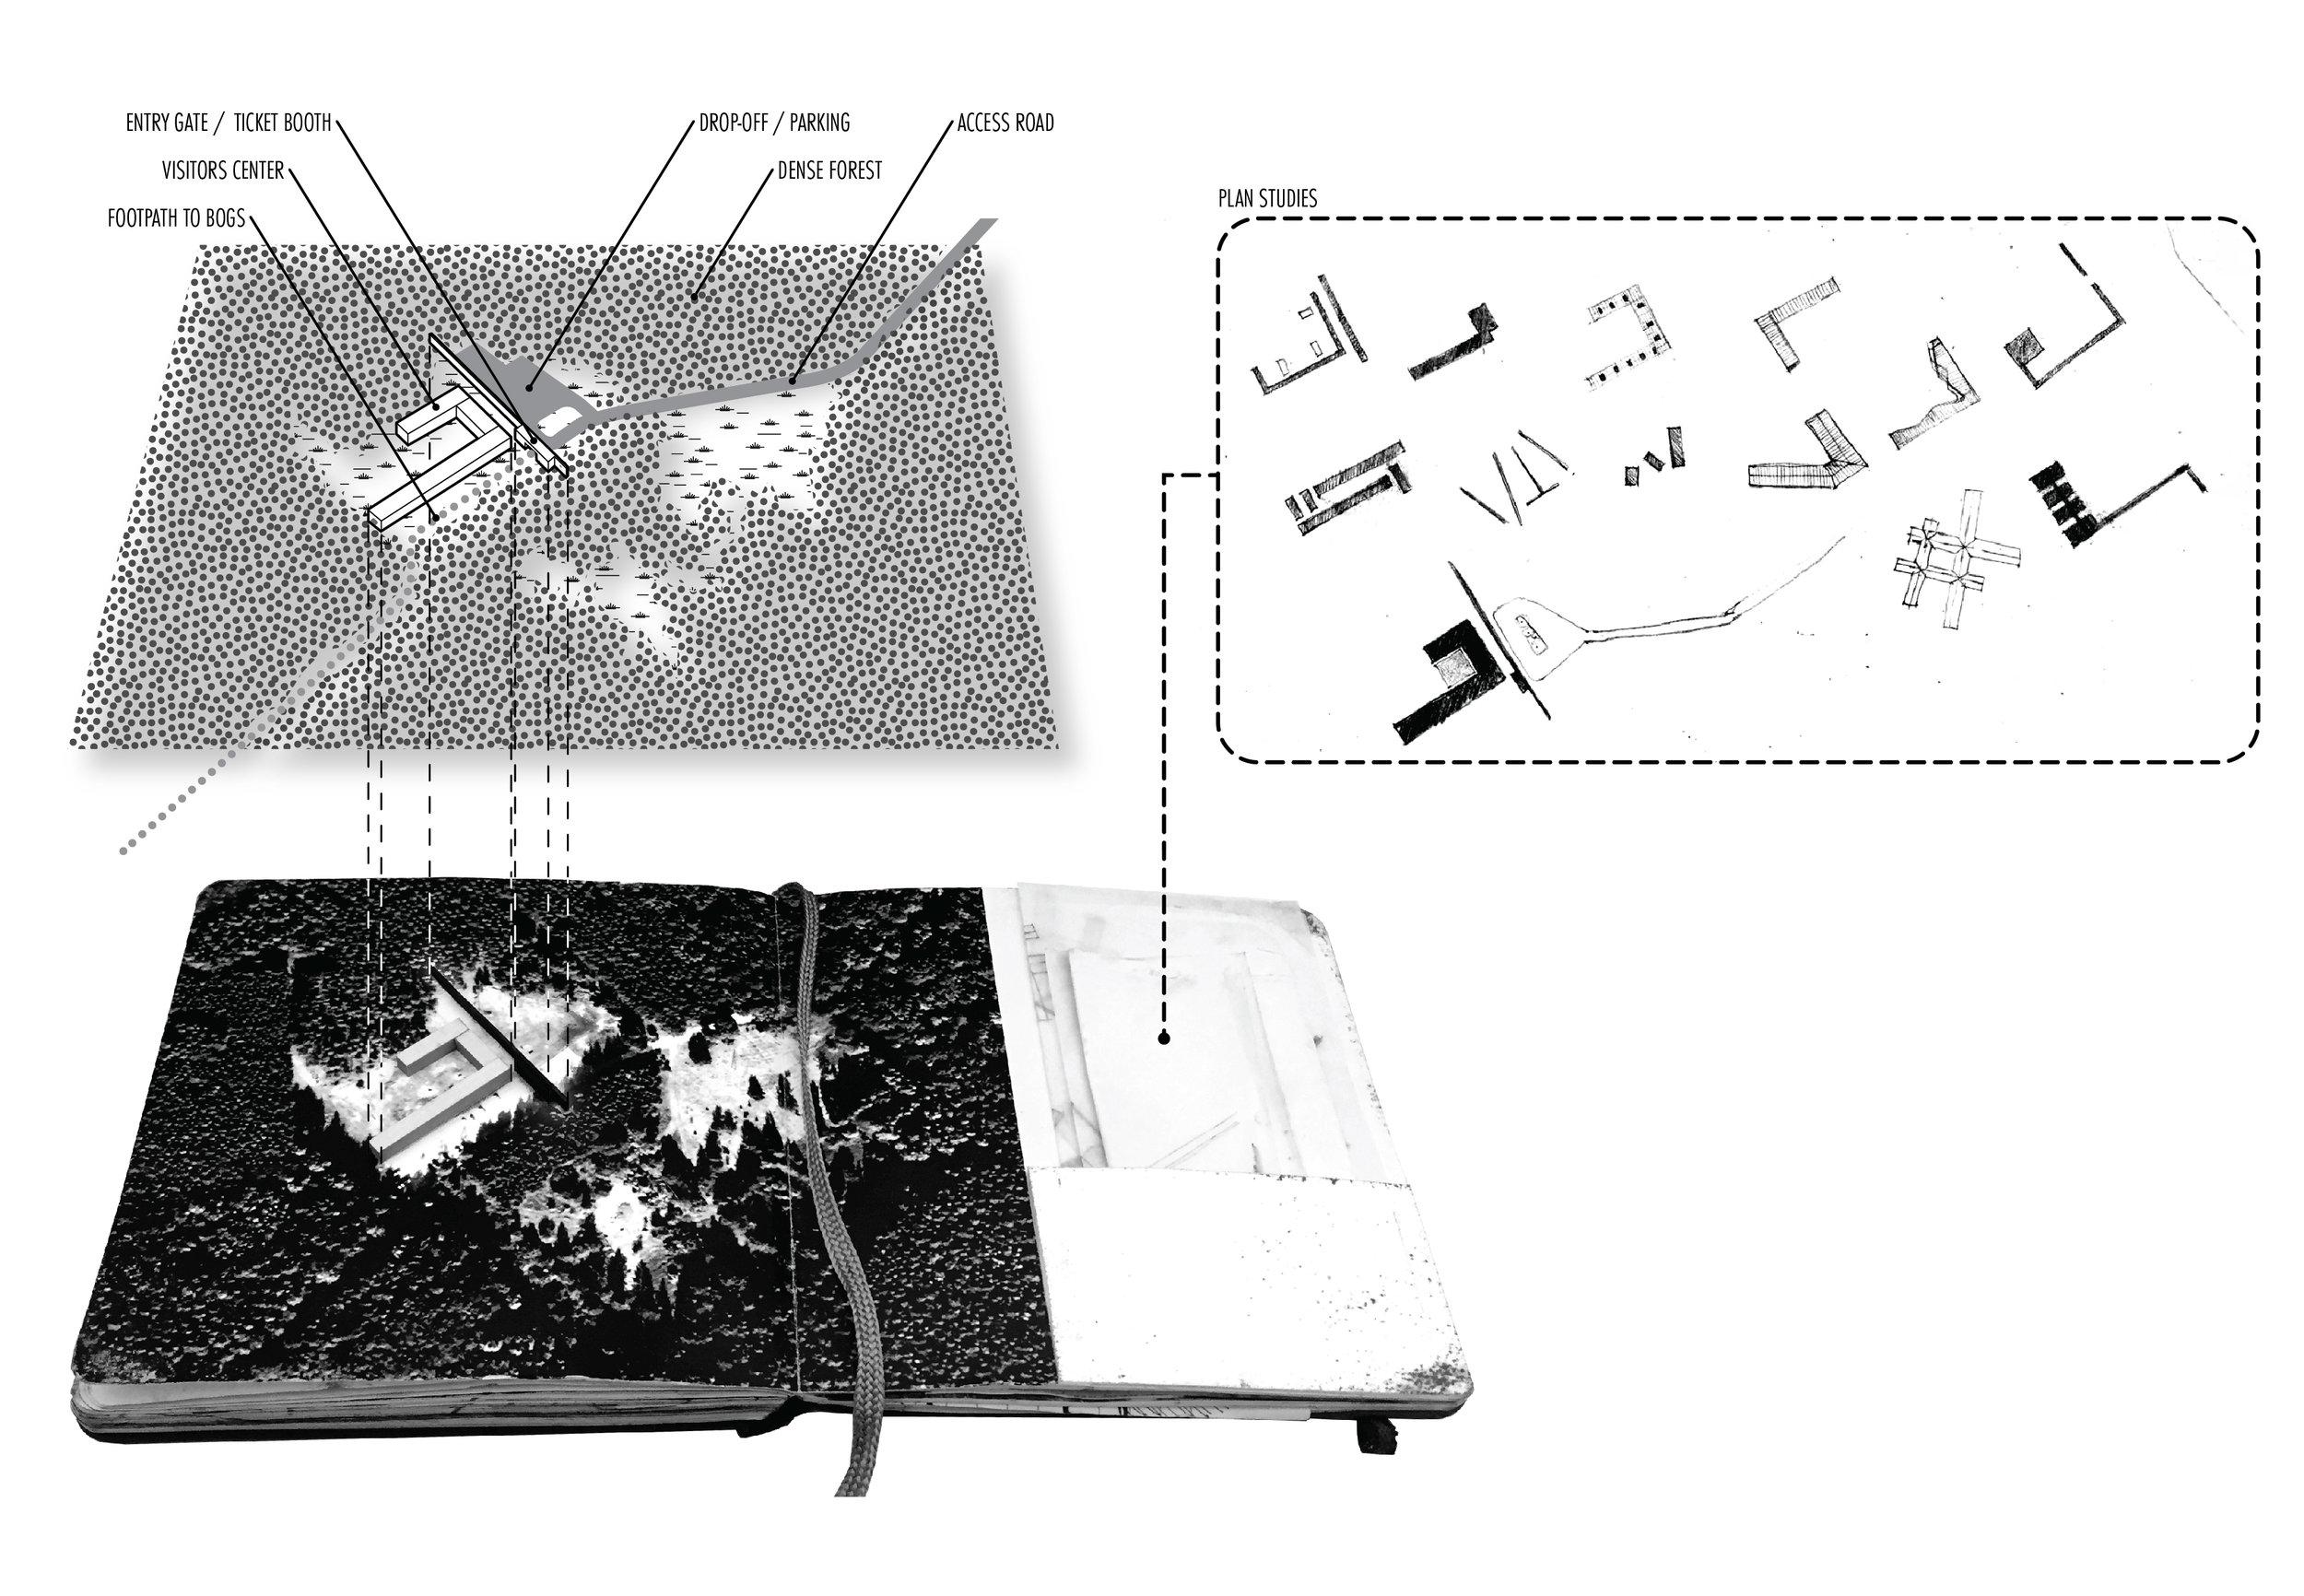 Sketchbook Site Model & Plan Sketches